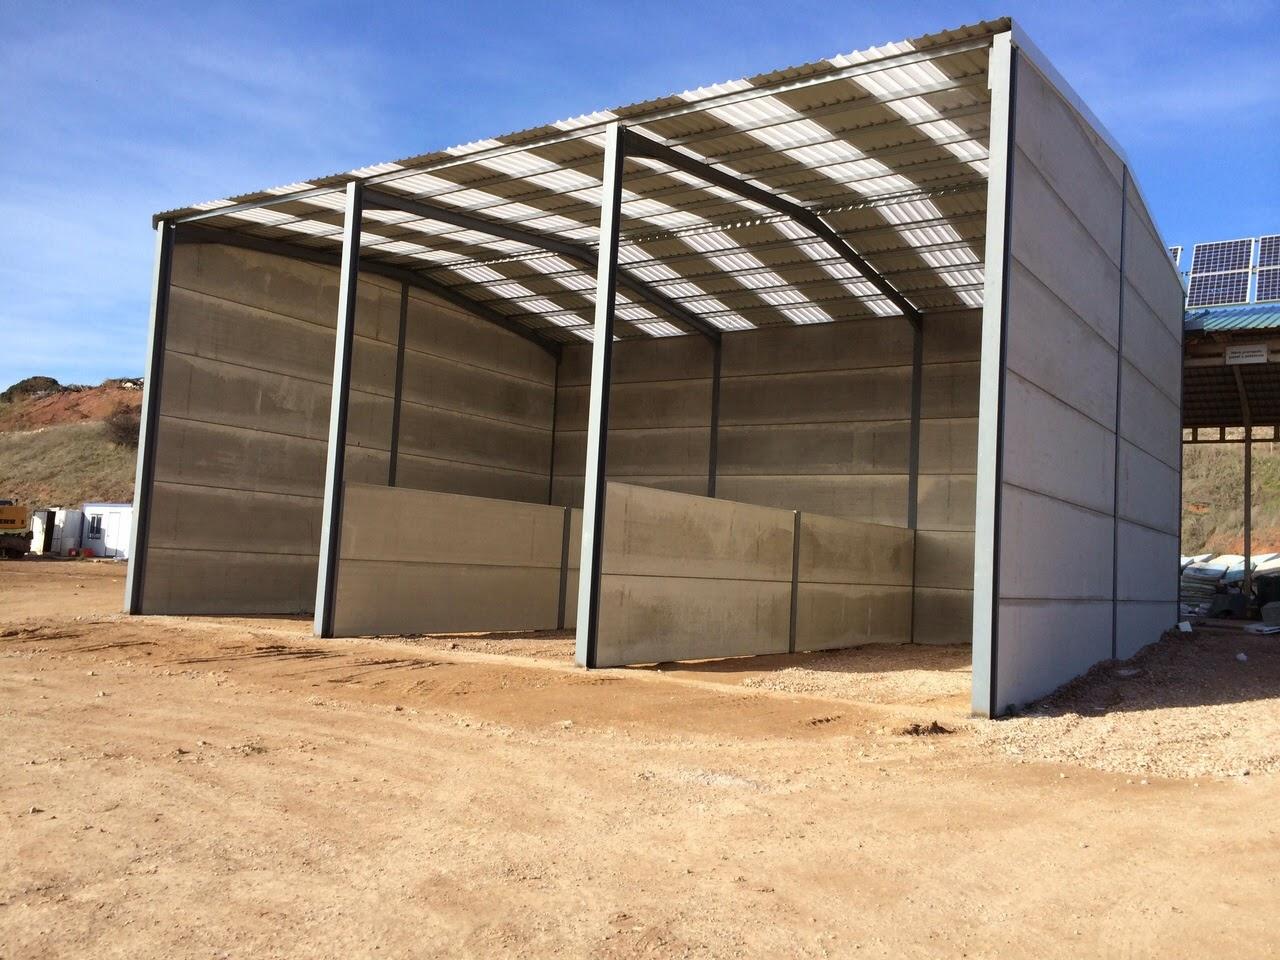 Separadores de hormig n doble muro en hormig n o muros de for Cobertizos de jardin baratos